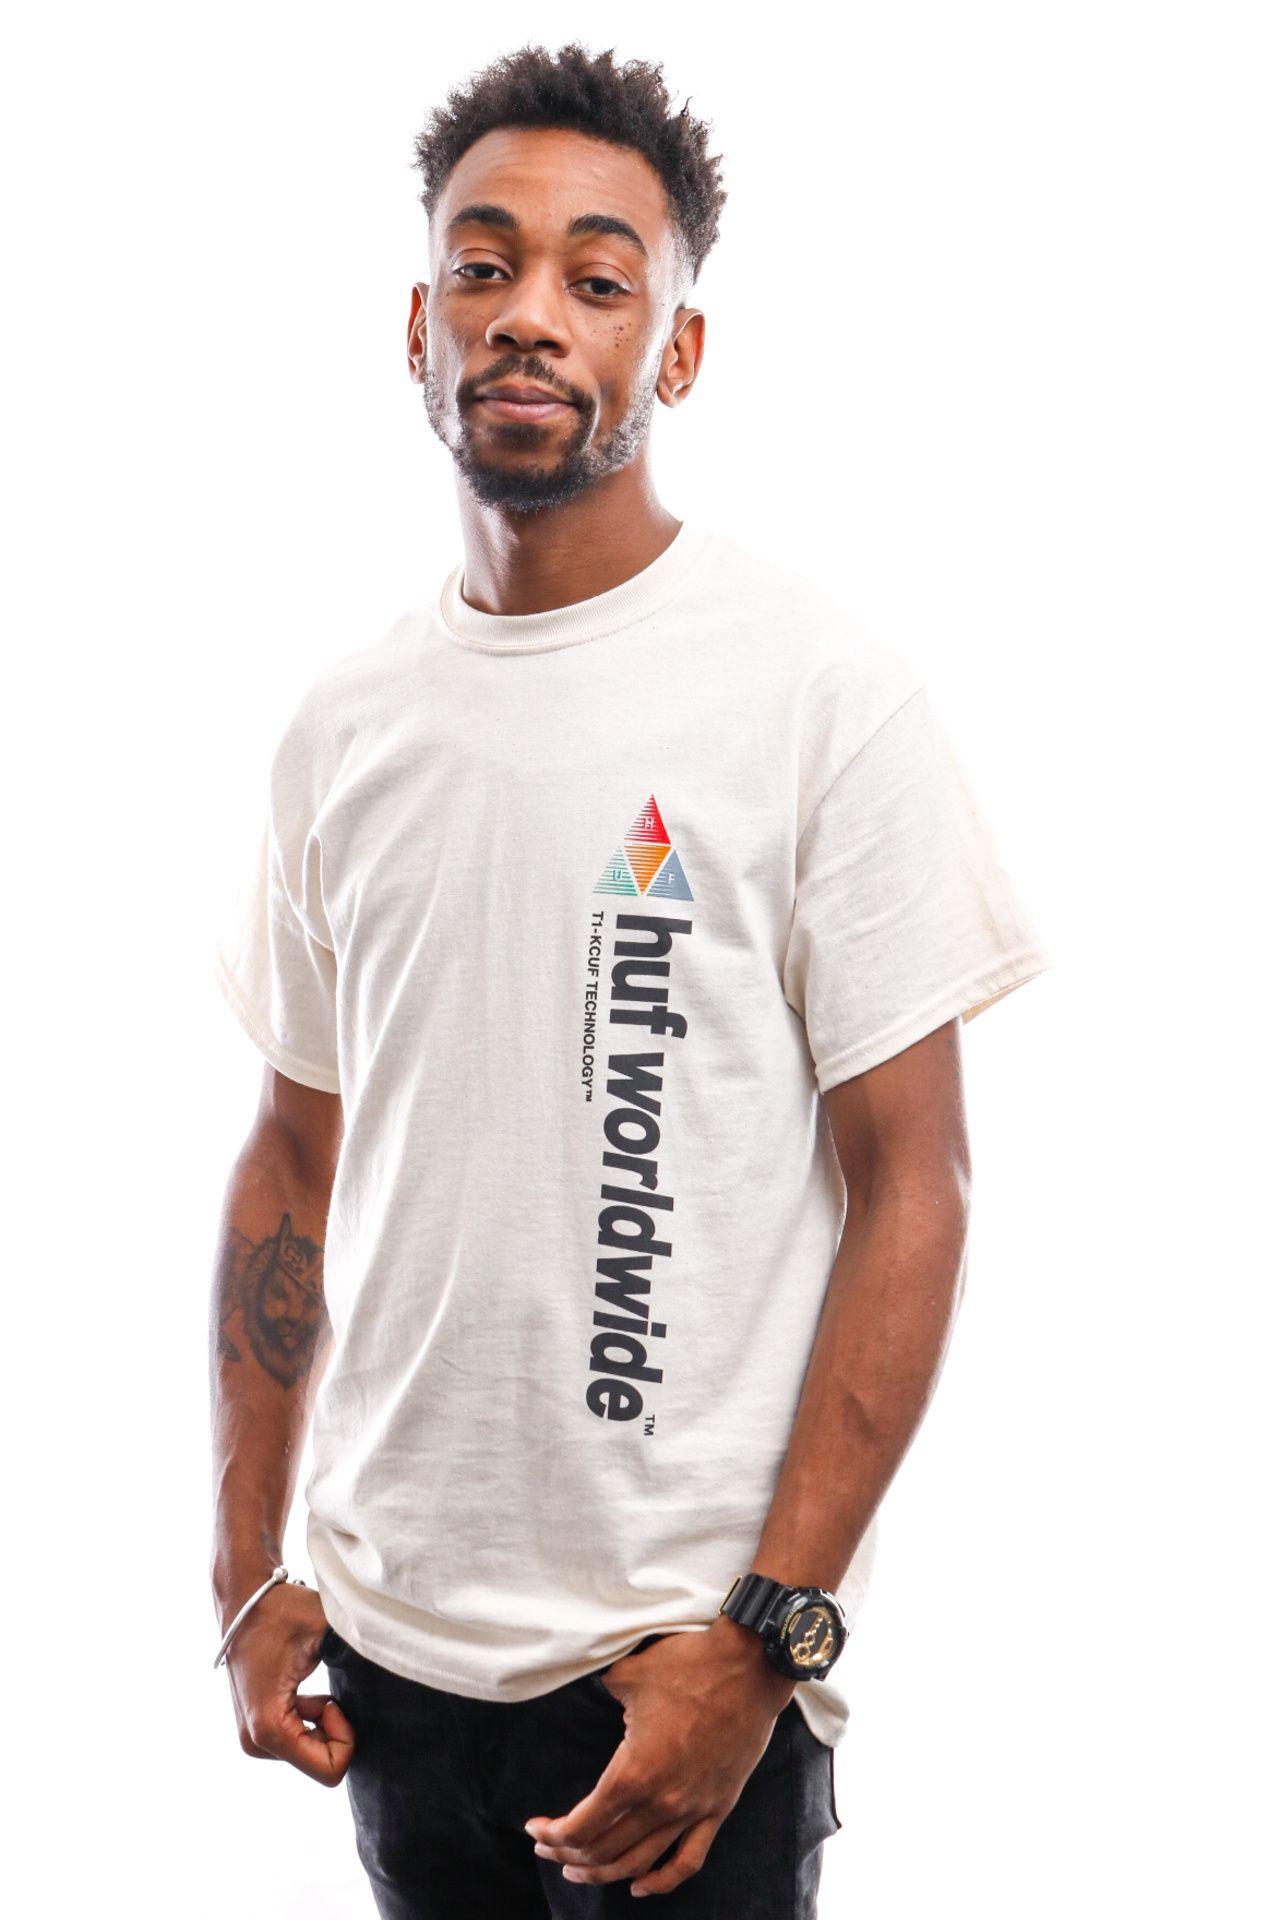 Afbeelding van HUF T-Shirt Peak Sportif S/S Tee Unbleached Ts01201-Unblc